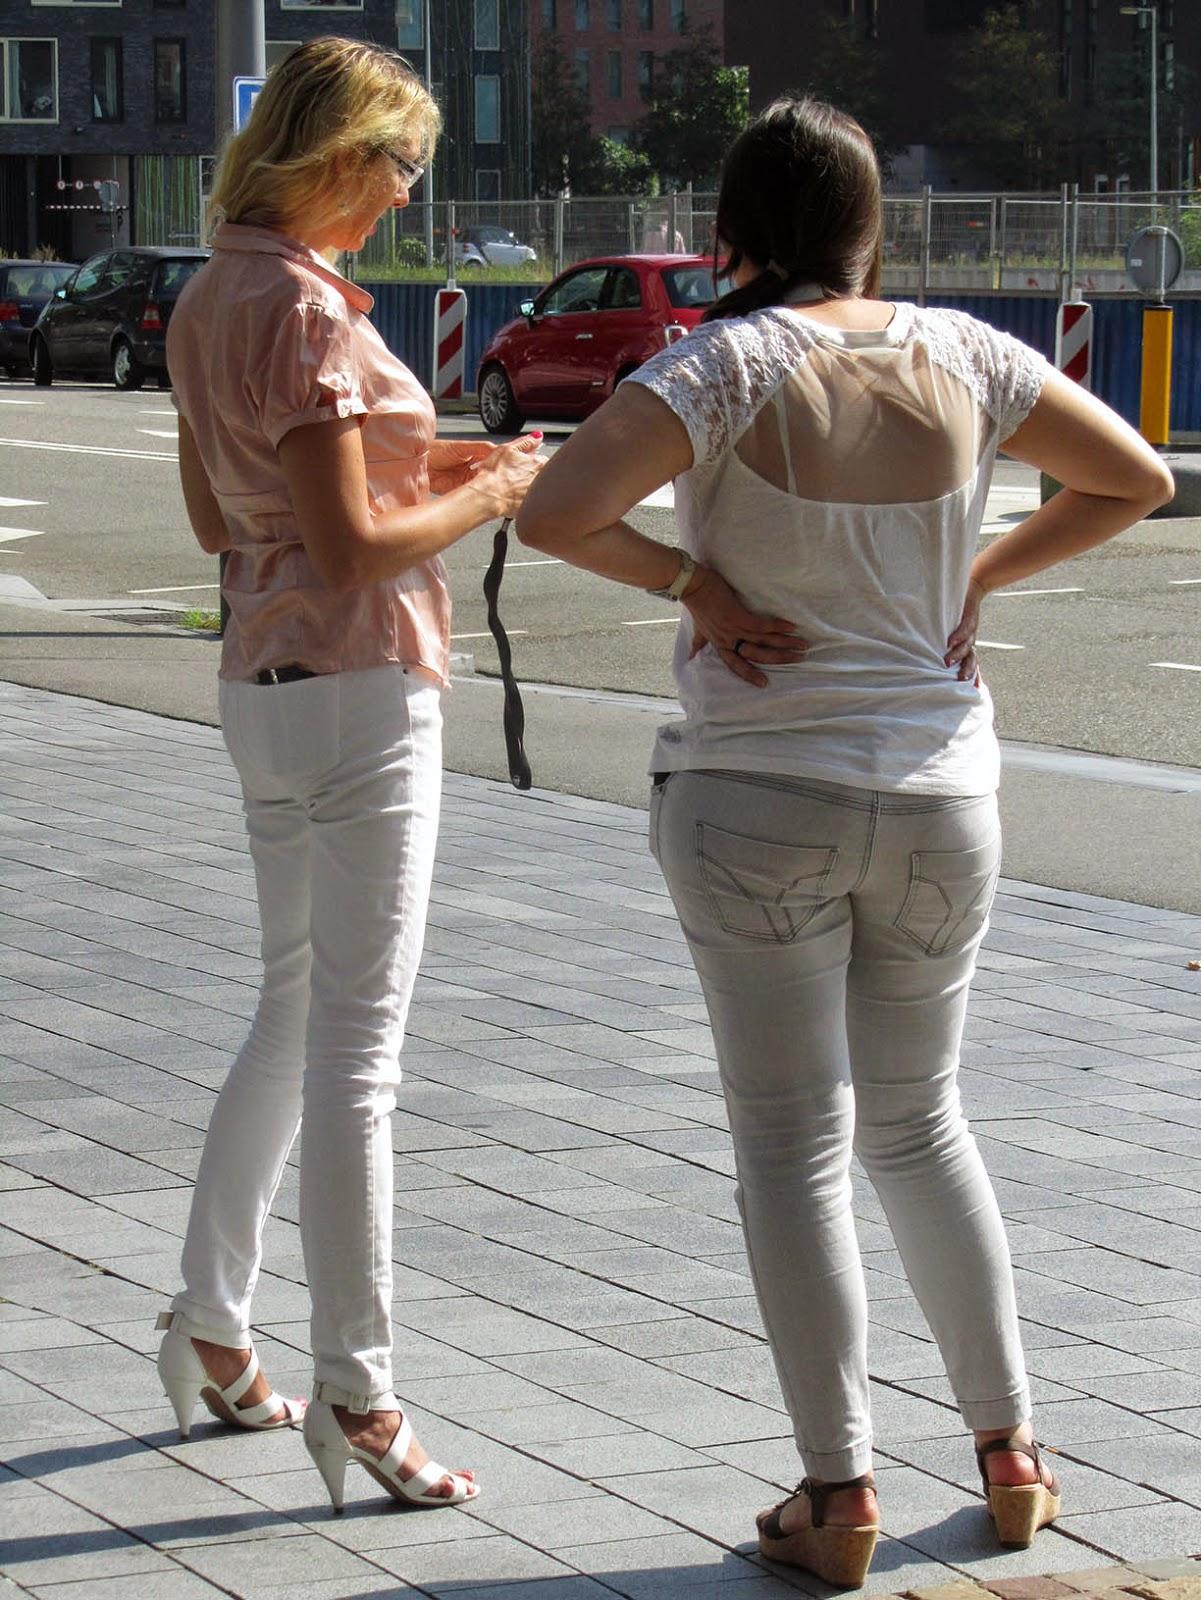 two women waiting around